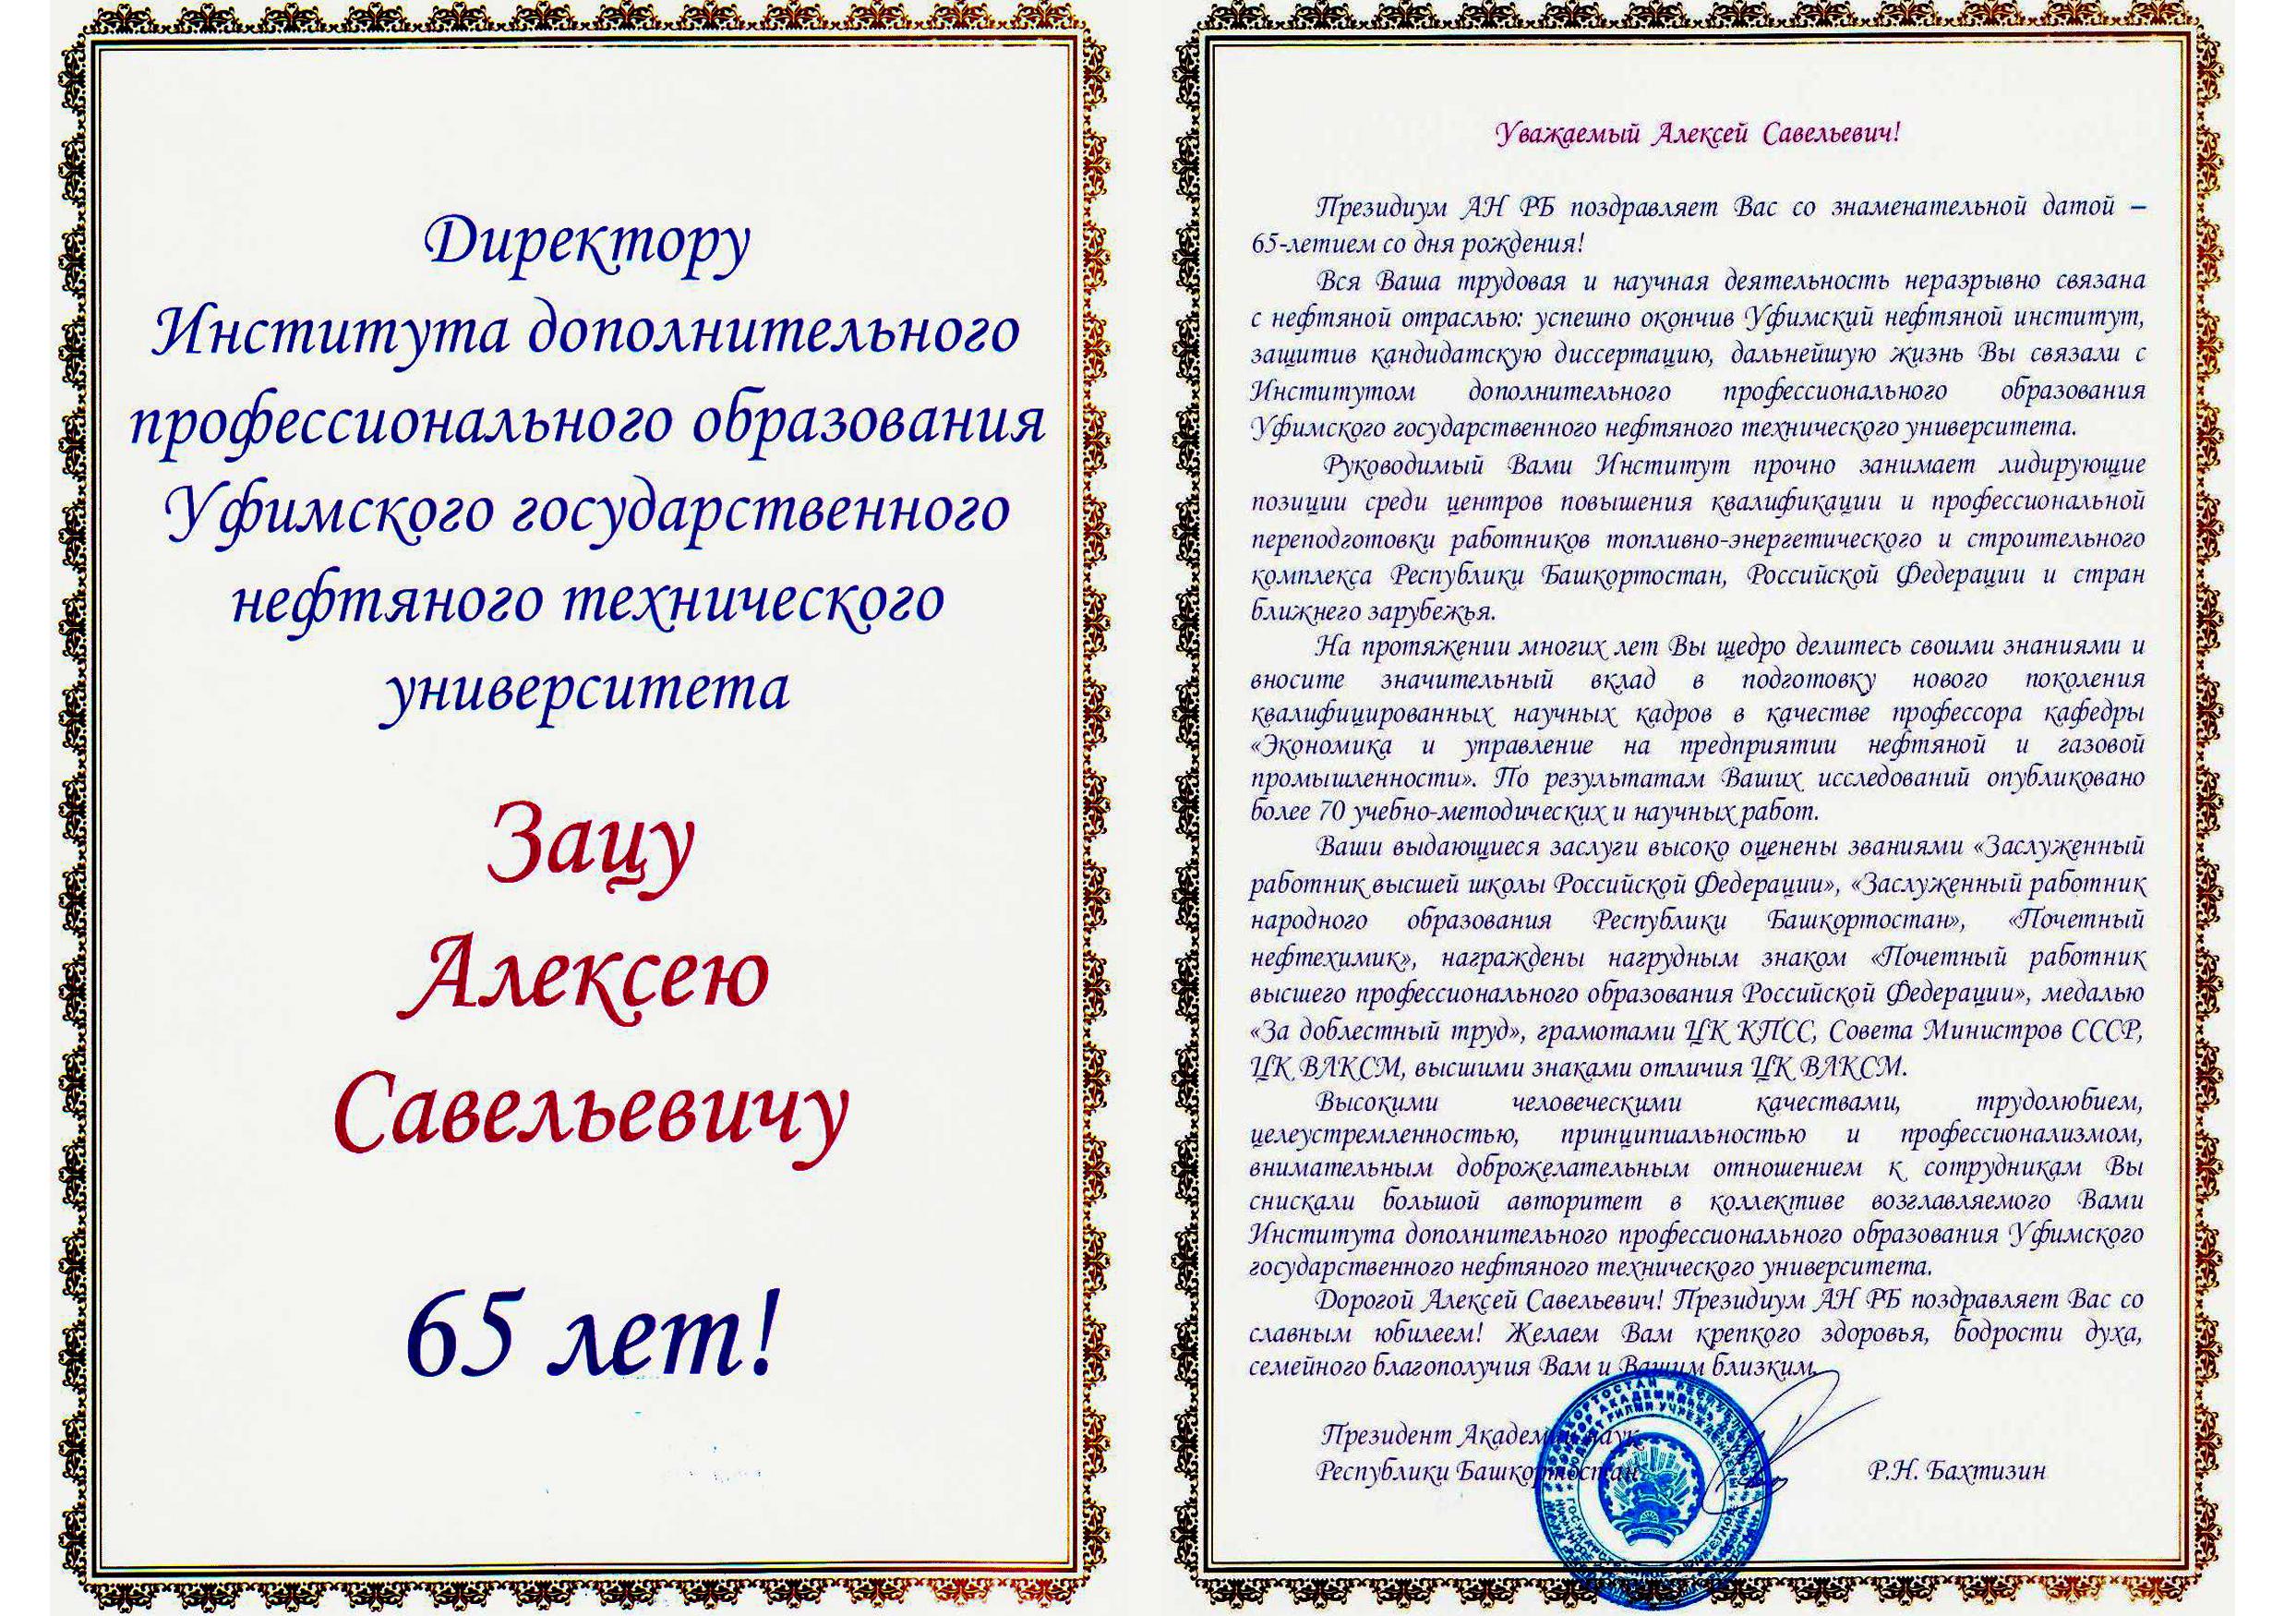 Поздравления директора на конференции